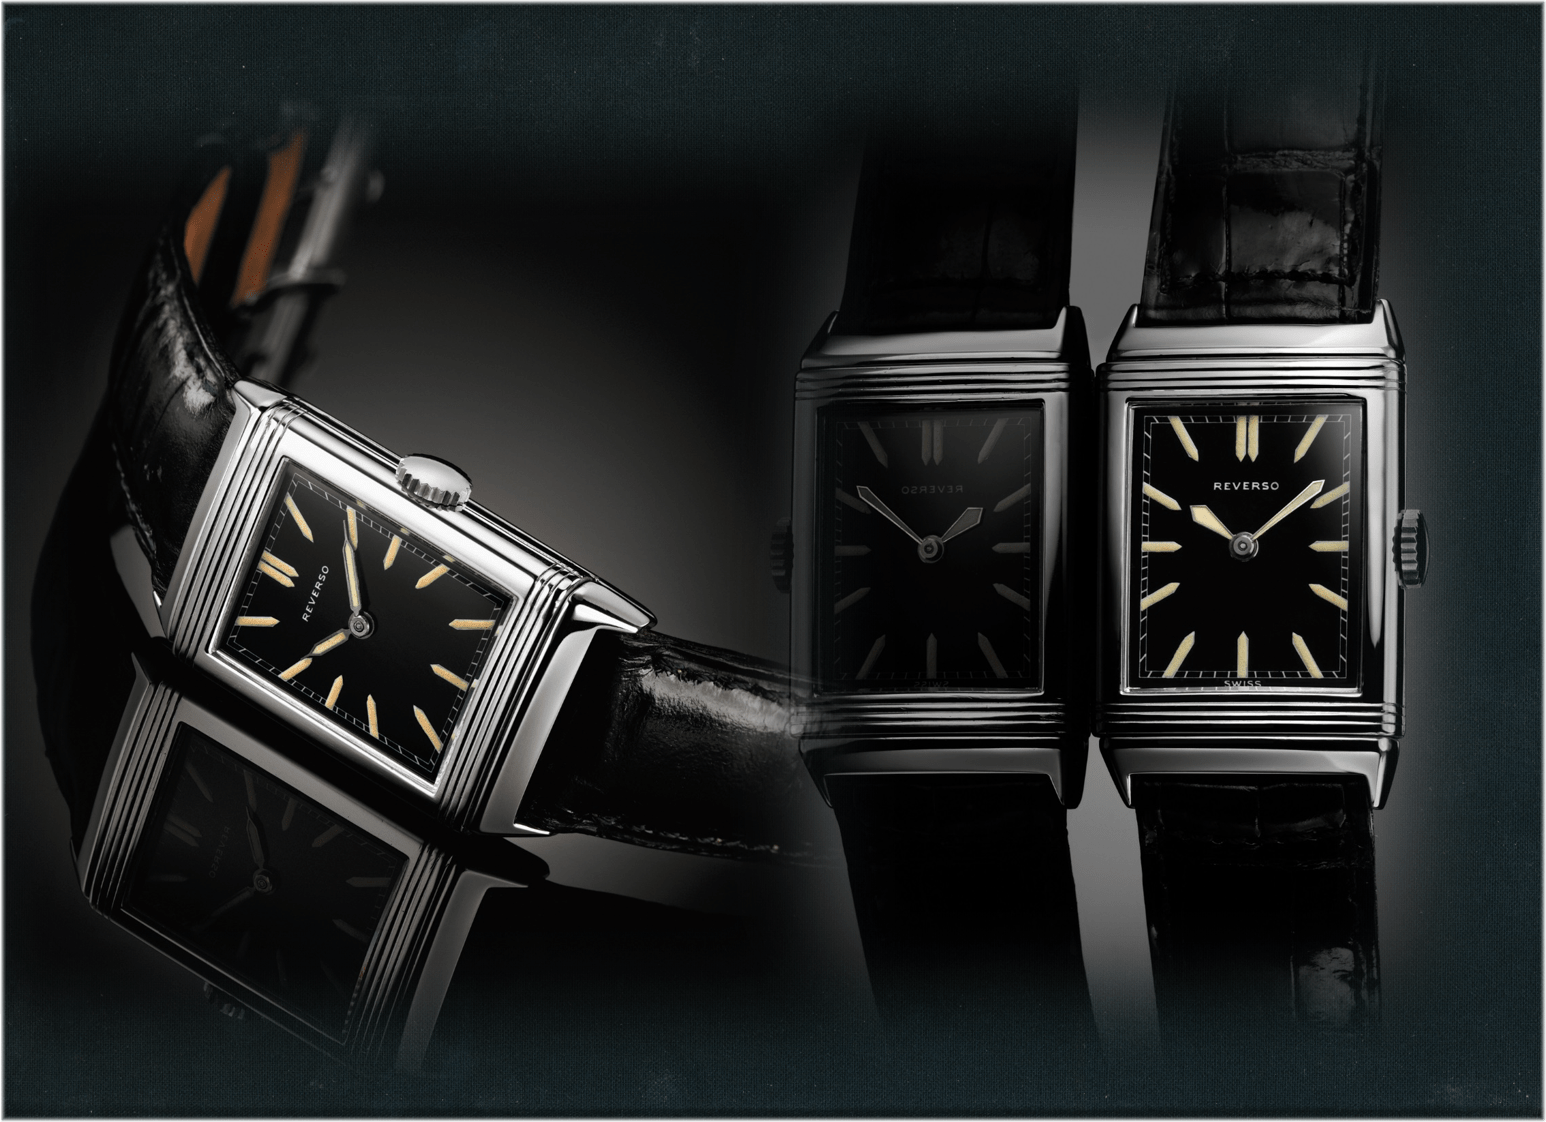 Reverso Armbanduhr von 1931 und die Jaeger-LeCoultre Reverso Geschichte